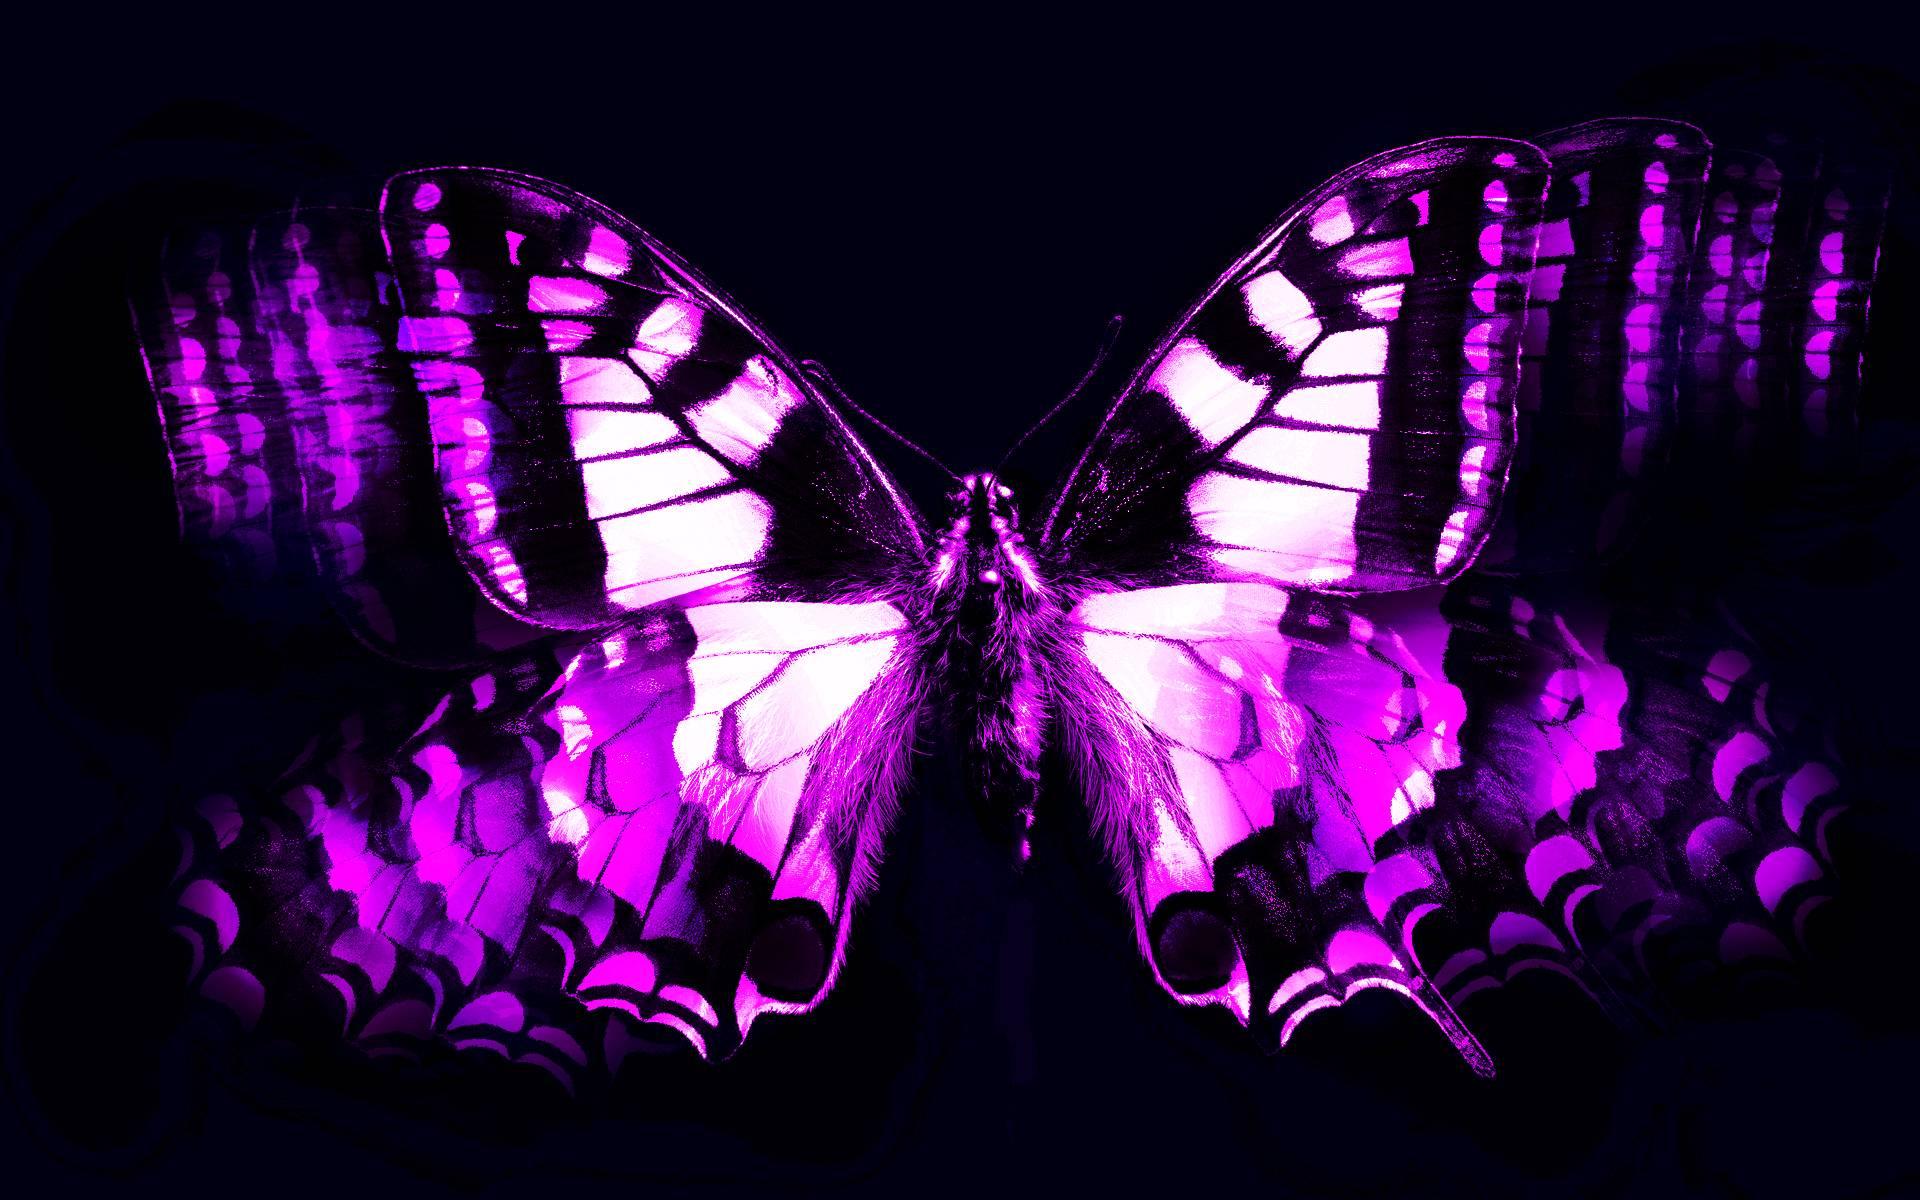 Purple Butterfly Wallpapers 1920x1200